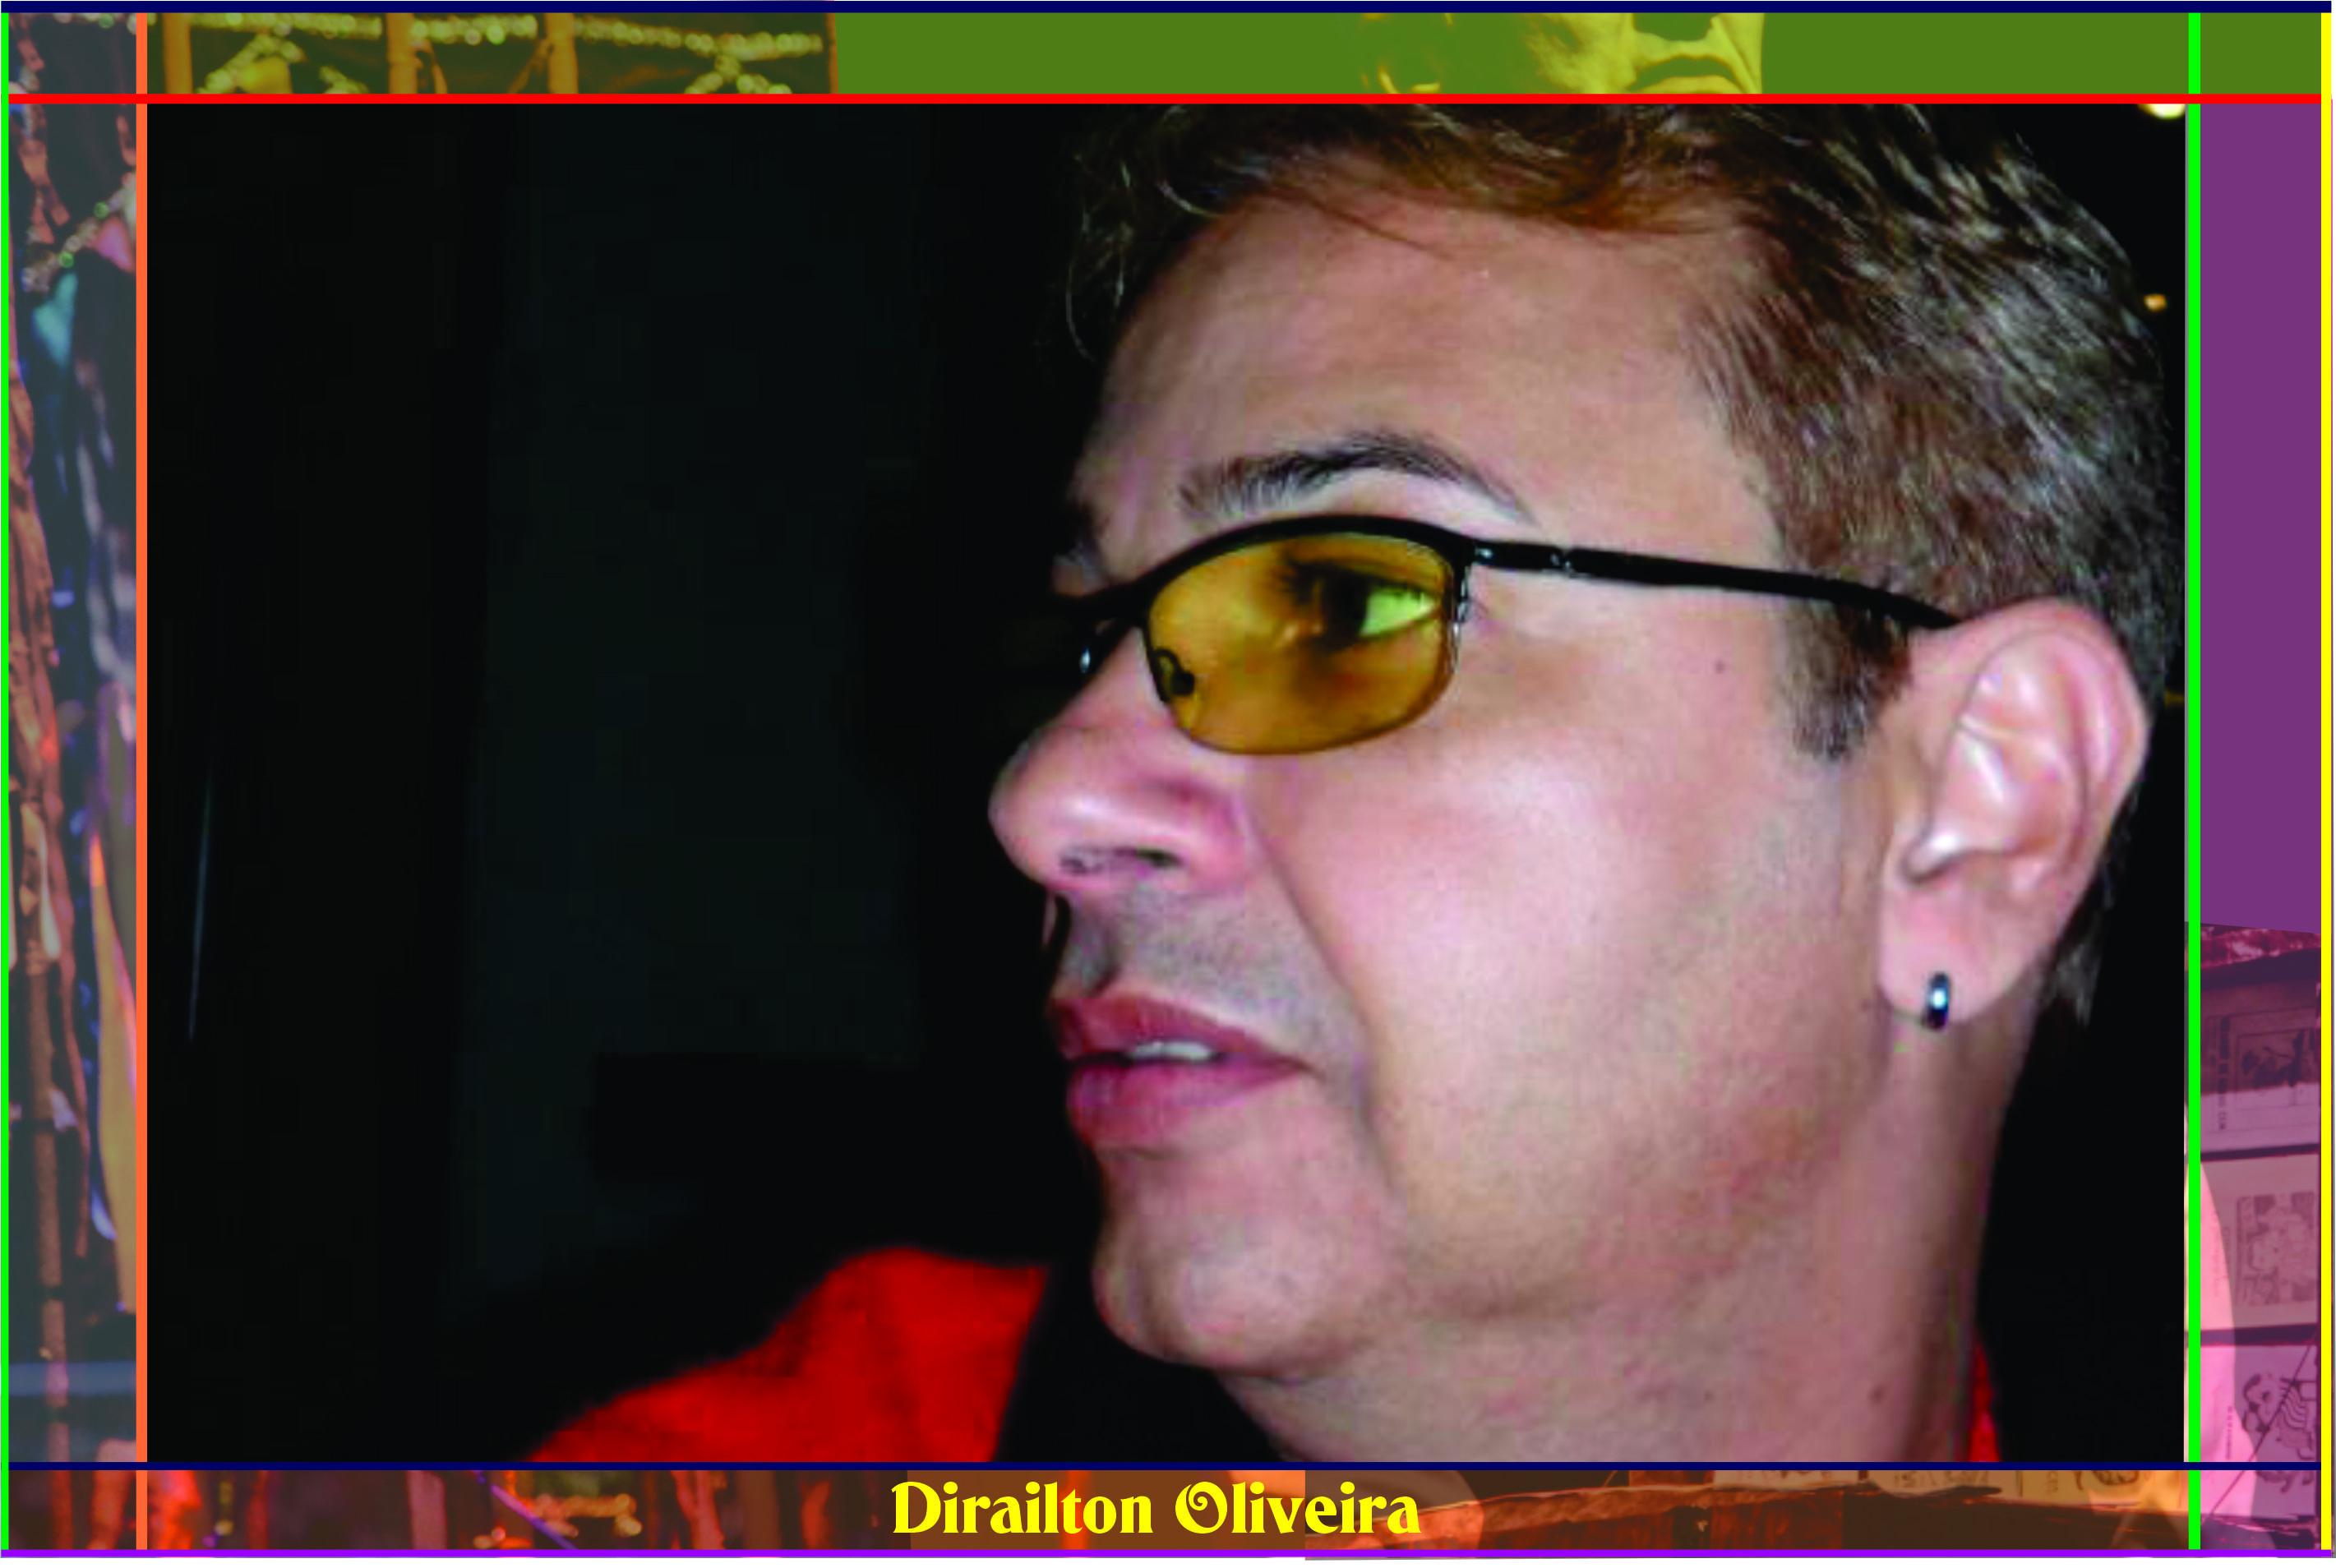 Dirailton Oliveira